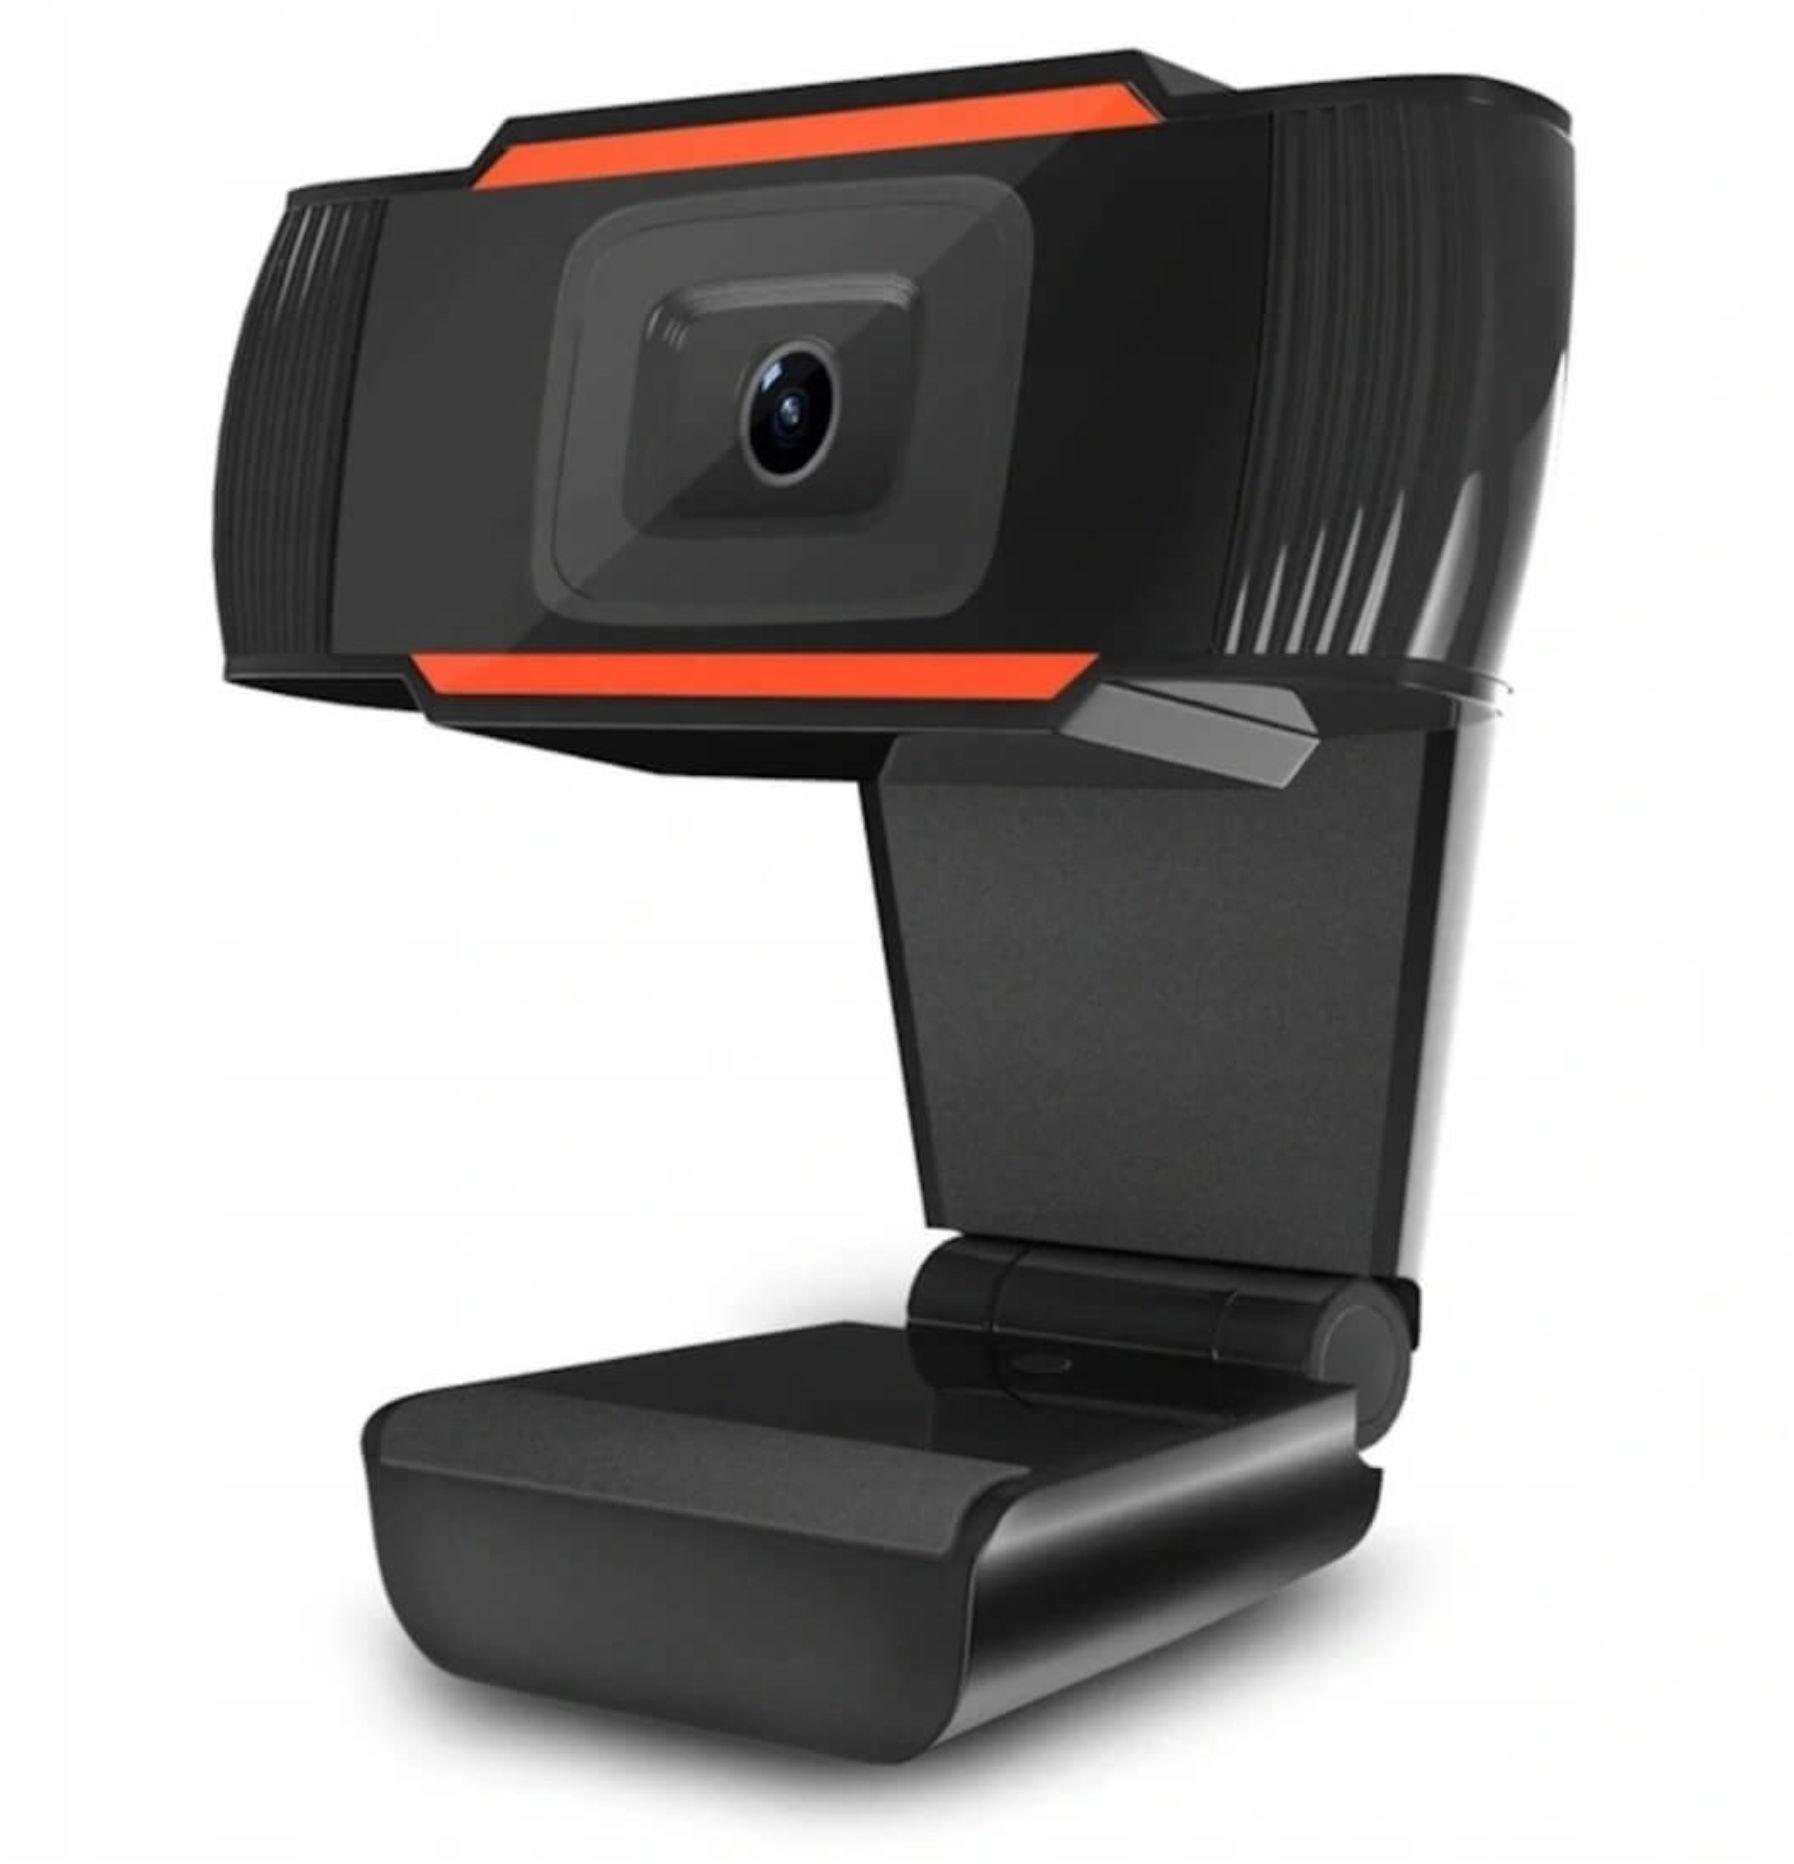 Kamera internetowa FHD USB CAMERA 1080p z mikrofonem (FHD USB CAMERA)